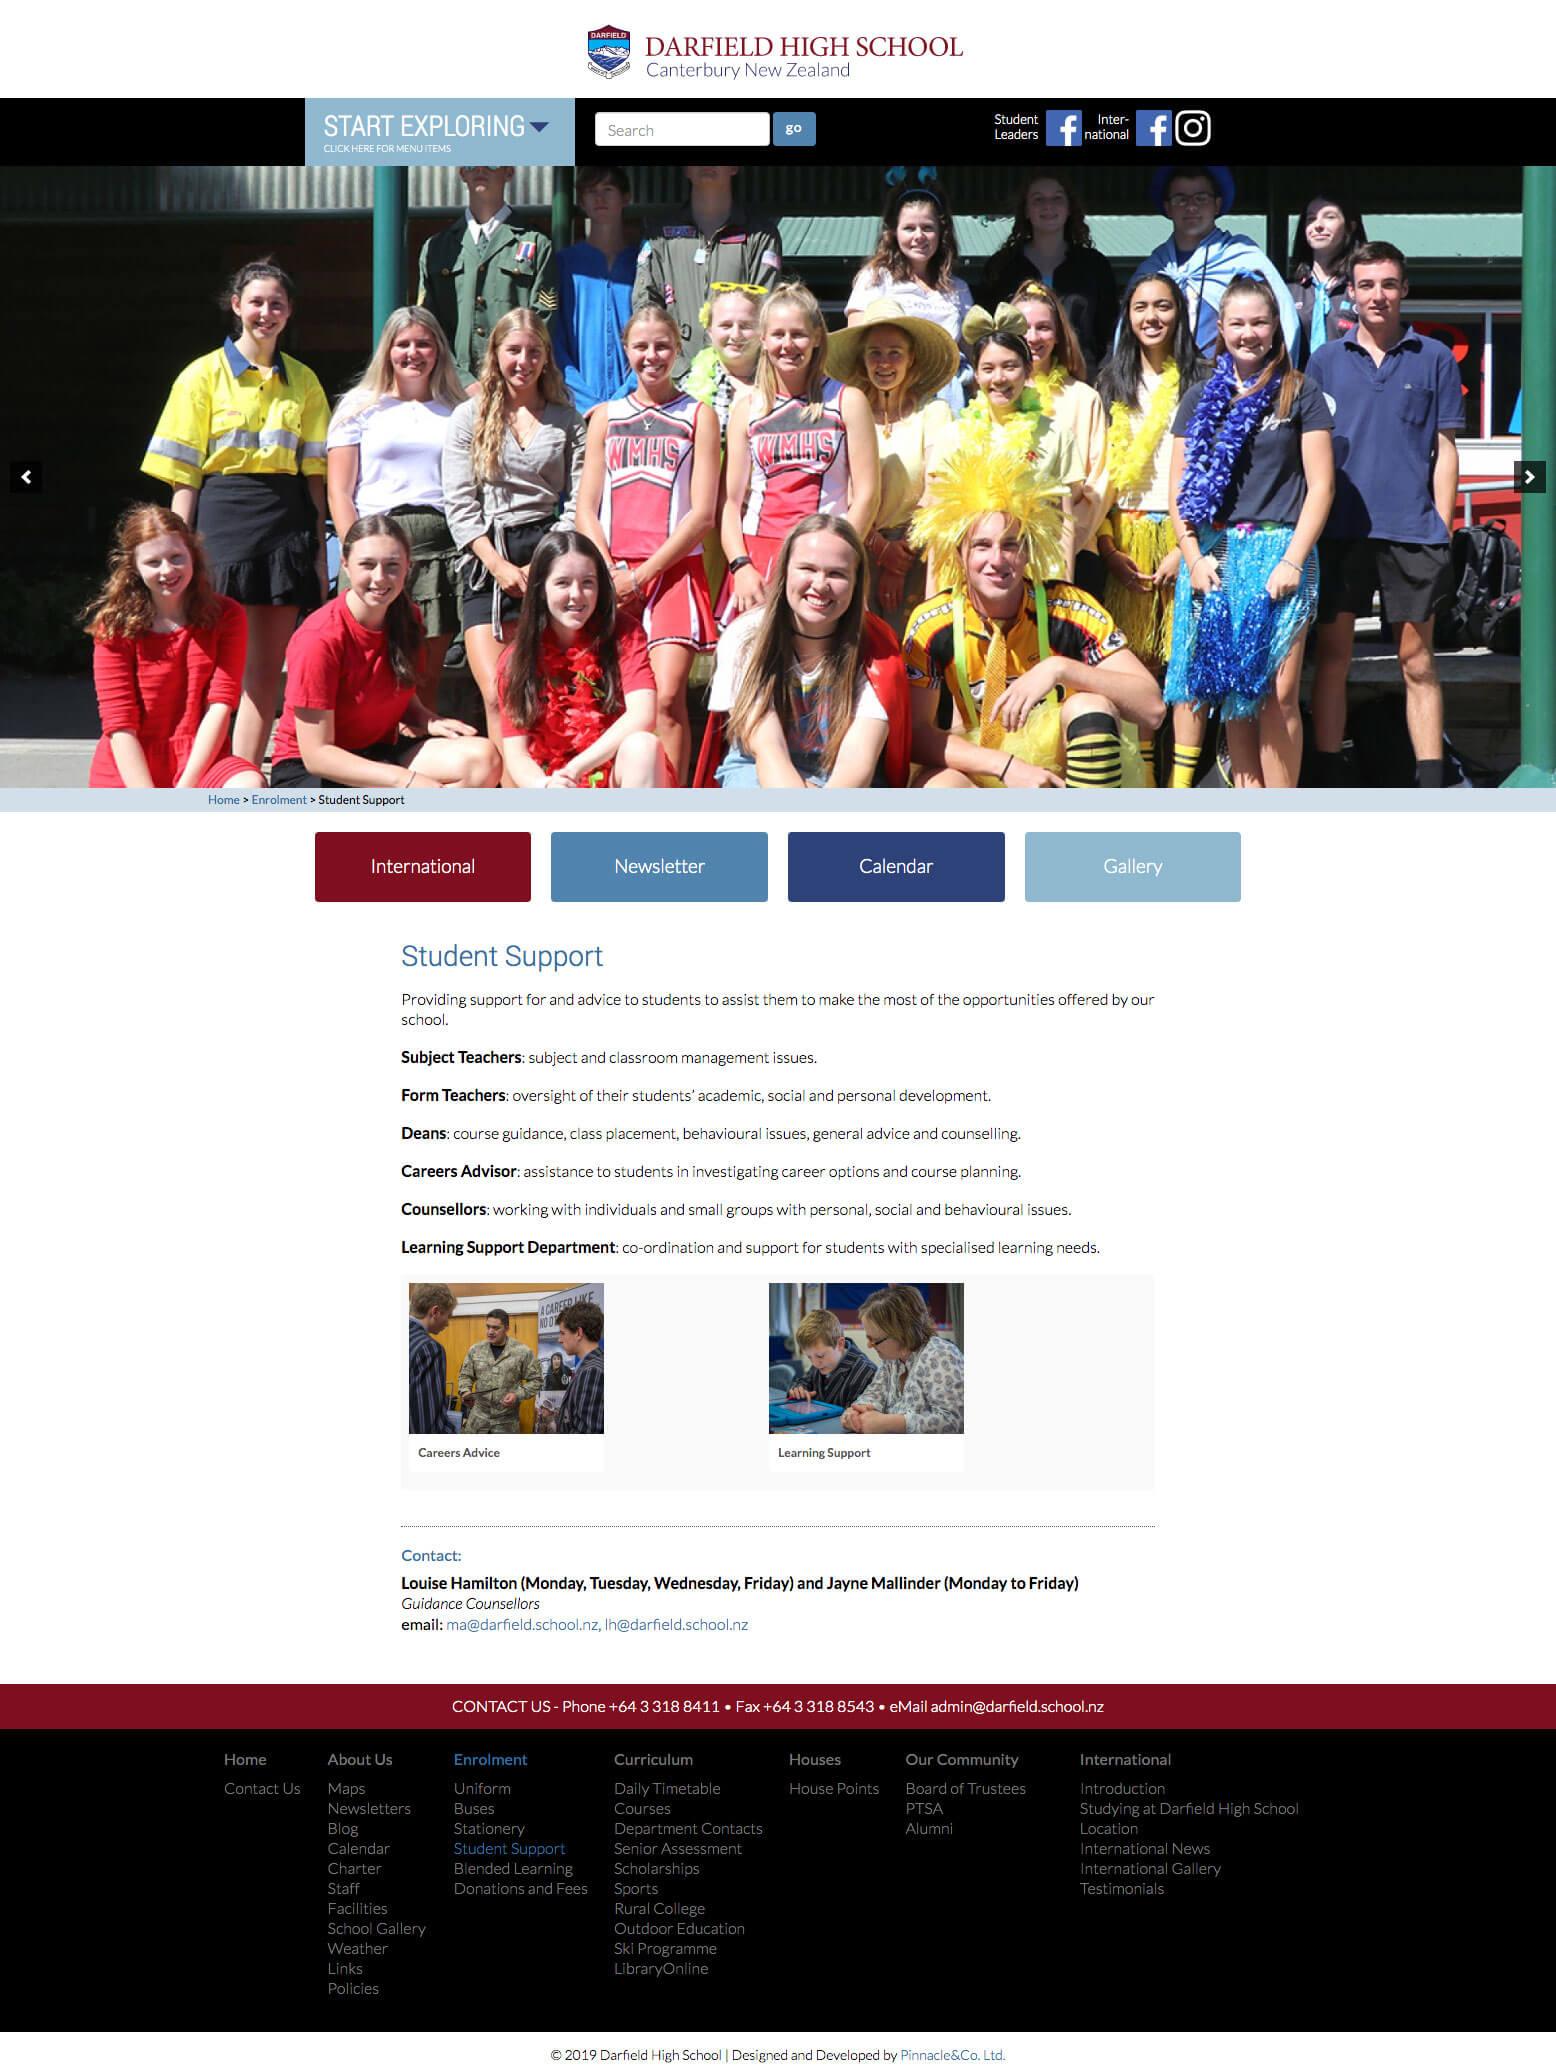 Darfield High School Website